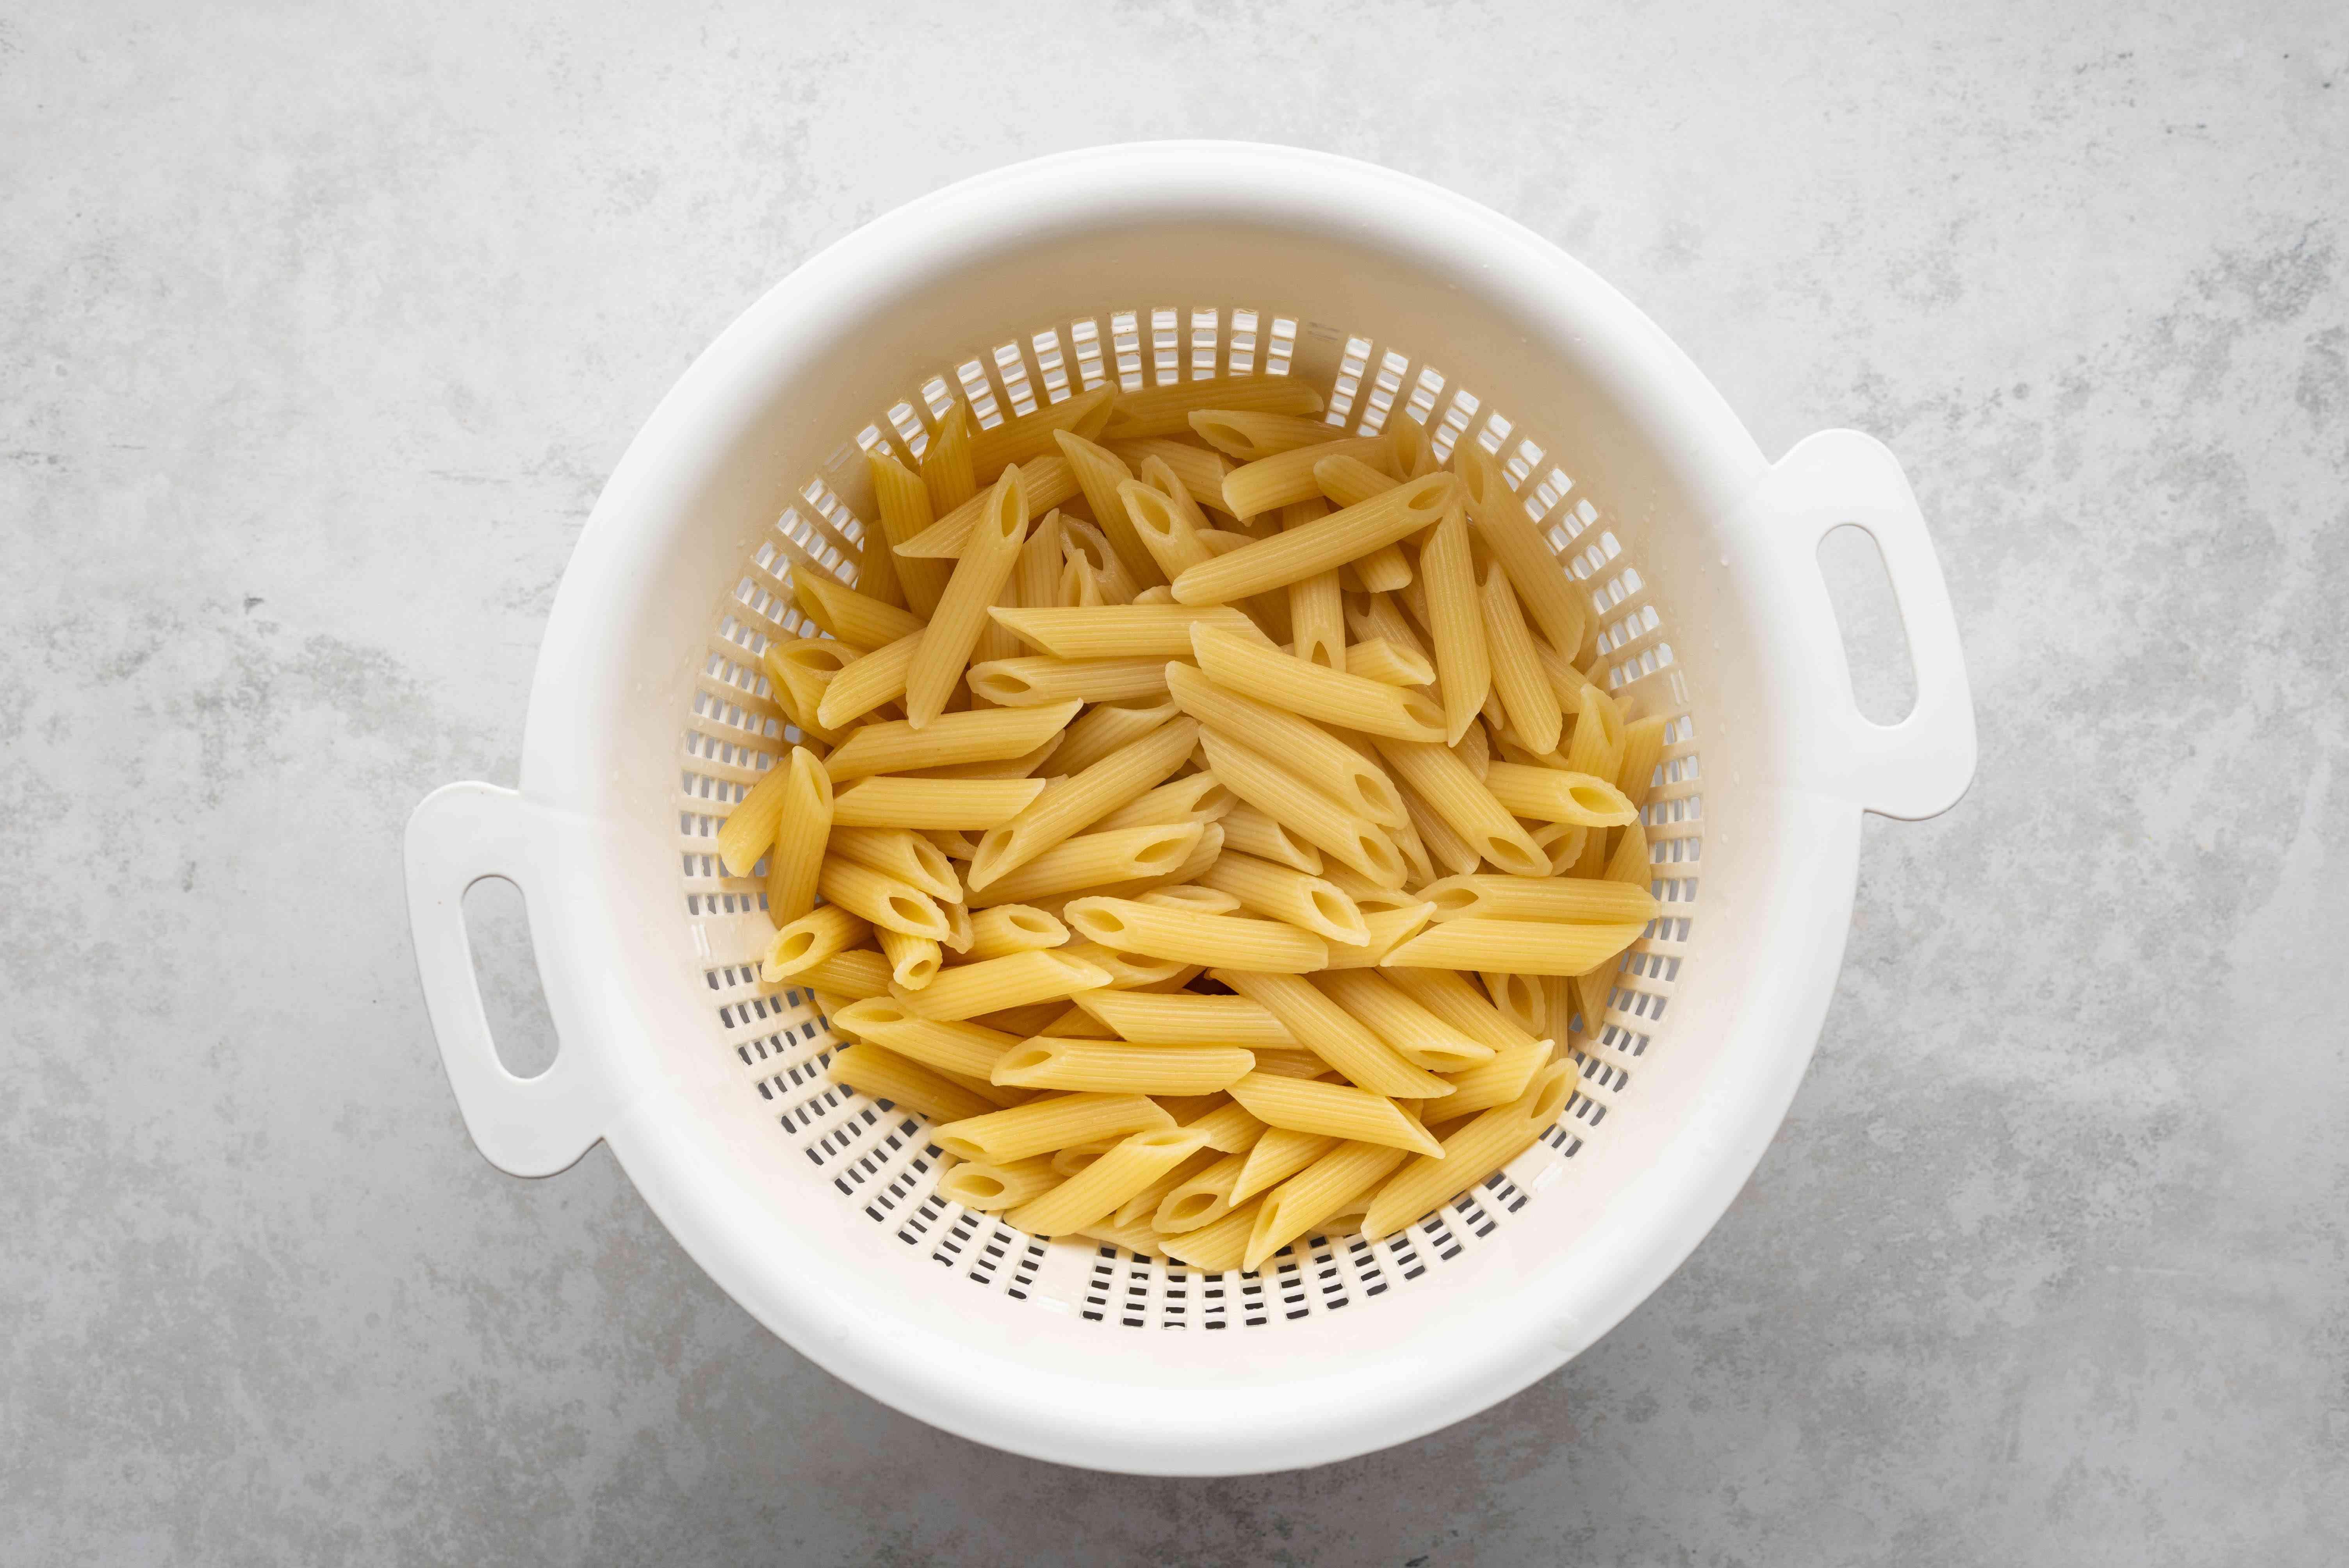 pasta in a colander